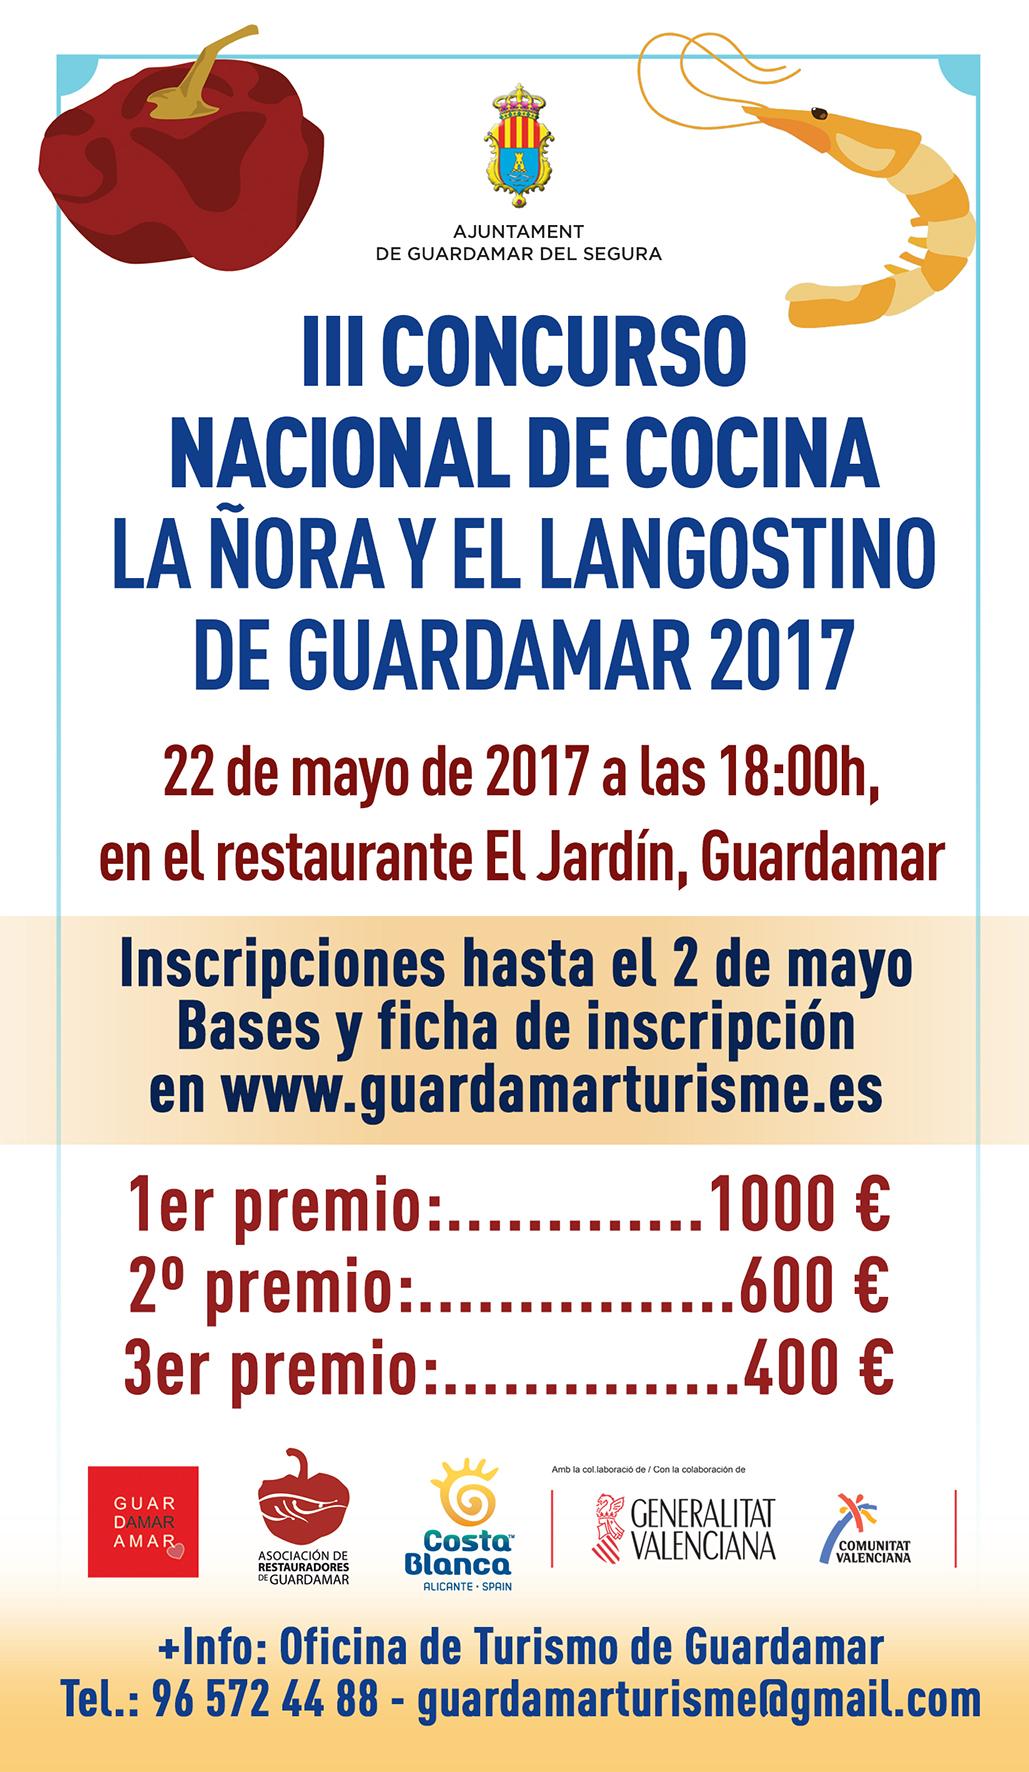 3er concurso nacional de cocina de la ora y el langostino - Concurso de cocina ...